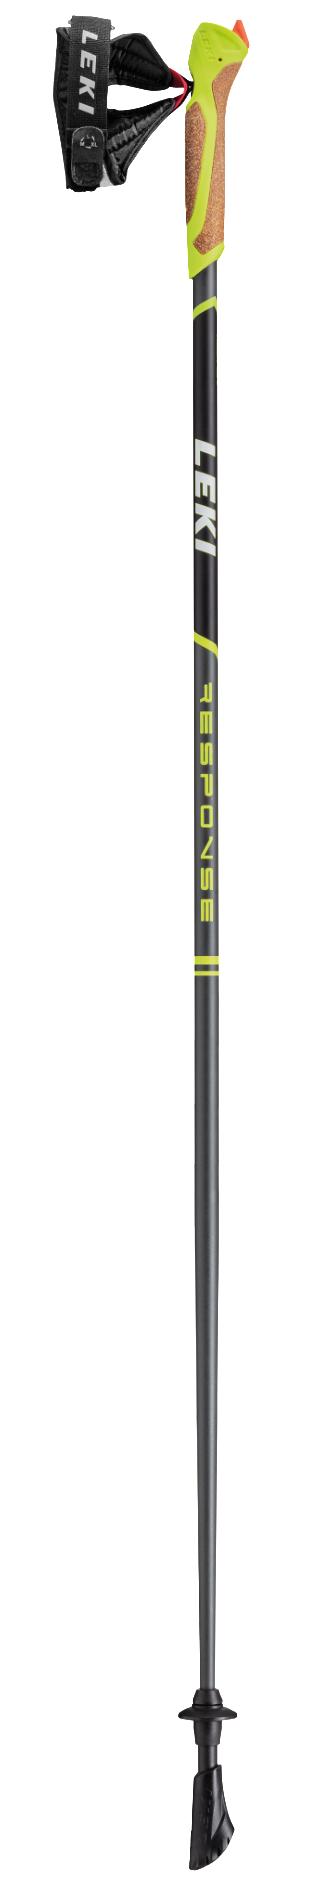 Response 125 cm